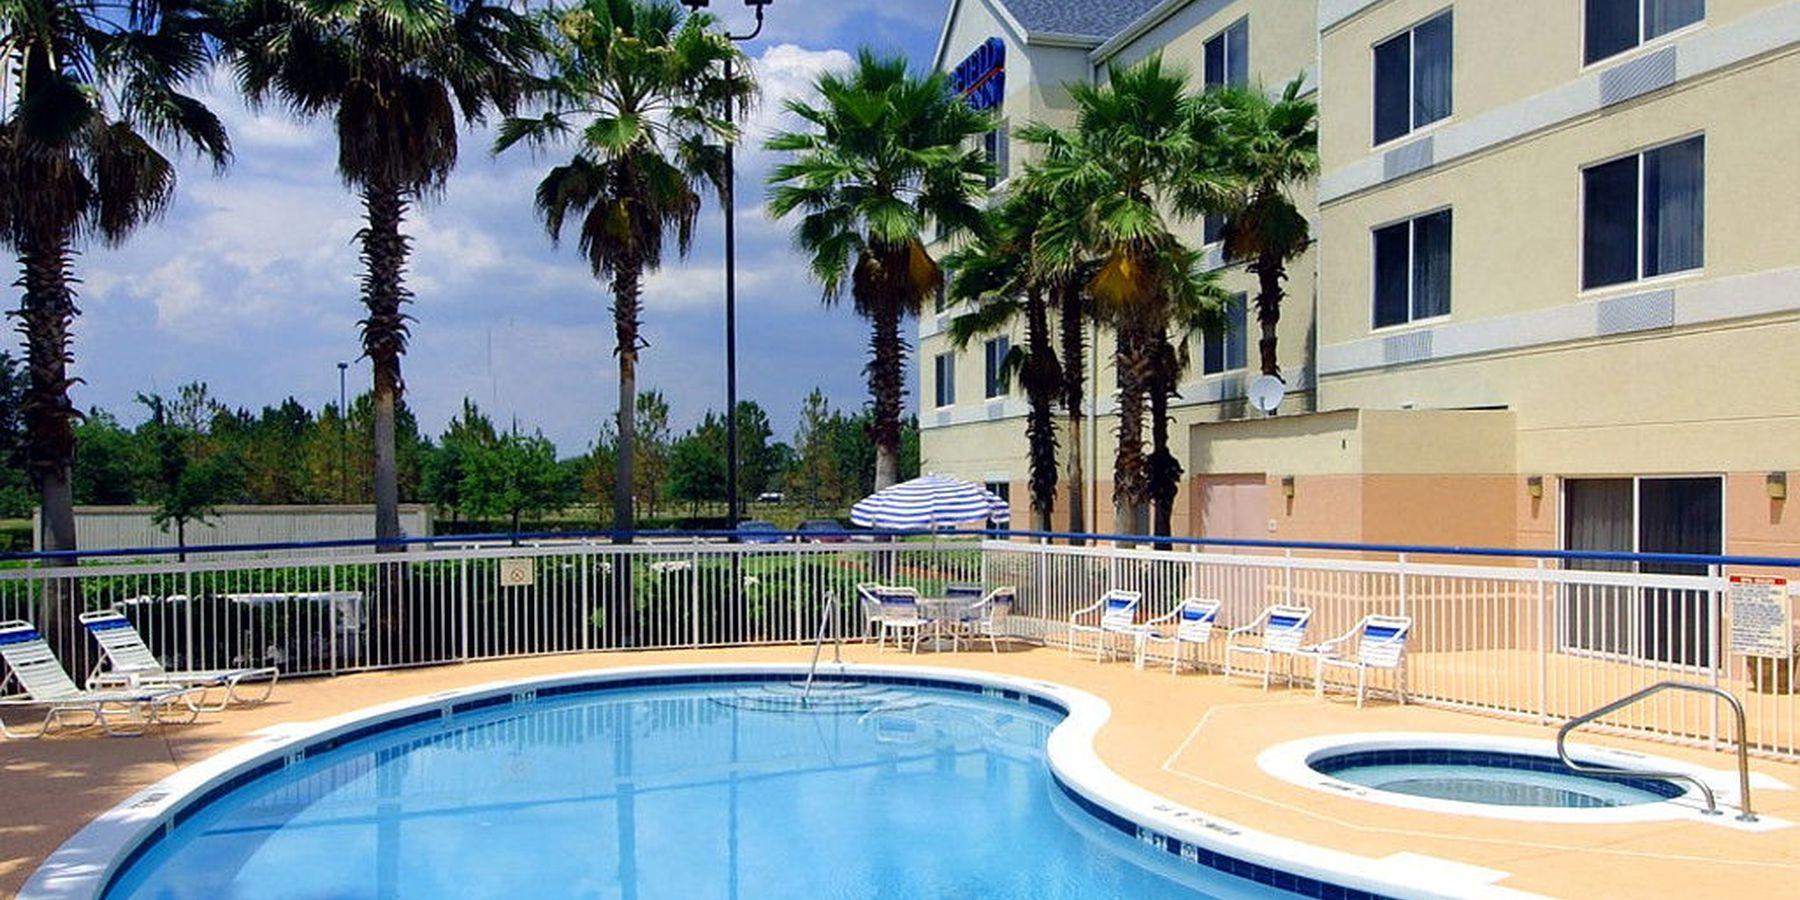 Fairfield Inn Orlando Airport - Buitenzwembad